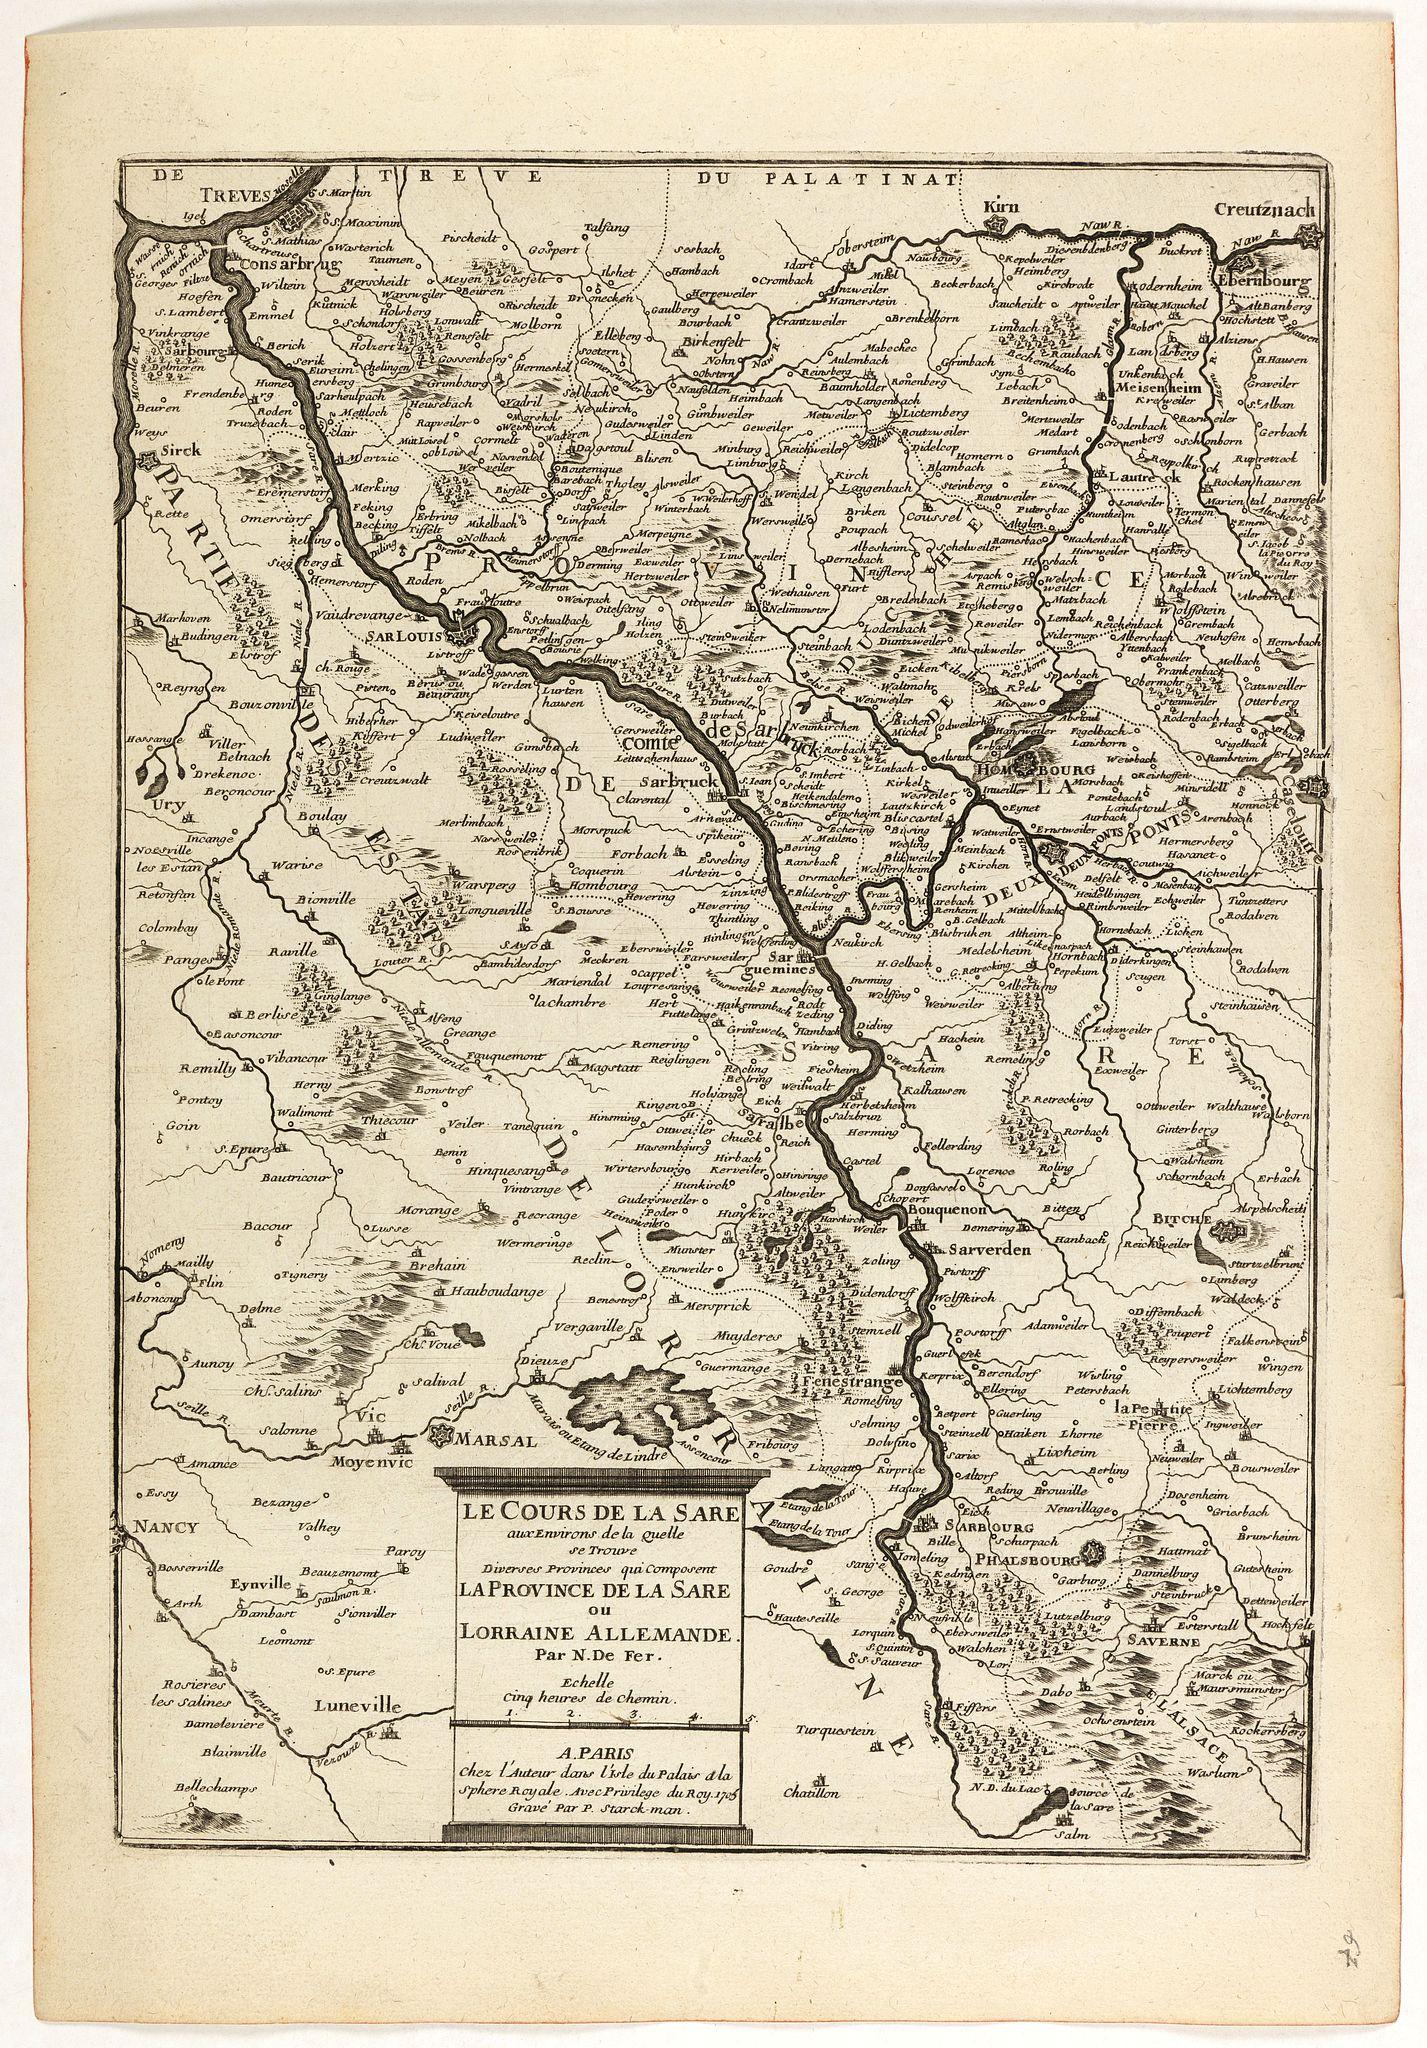 DE FER, N. -  Le cours de la Sare aux environs de la quellese trouve diverses provinces qui composent la province de la Sare ou Lorraine Allemande.